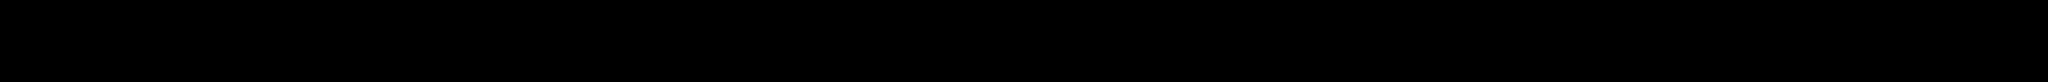 SKF VKMA 33131, VKMA 33132, VKMAF 33132-1, VKMAF 33132-2, VKMV 4SK790 Szerelőszerszám, hosszbordás szíj